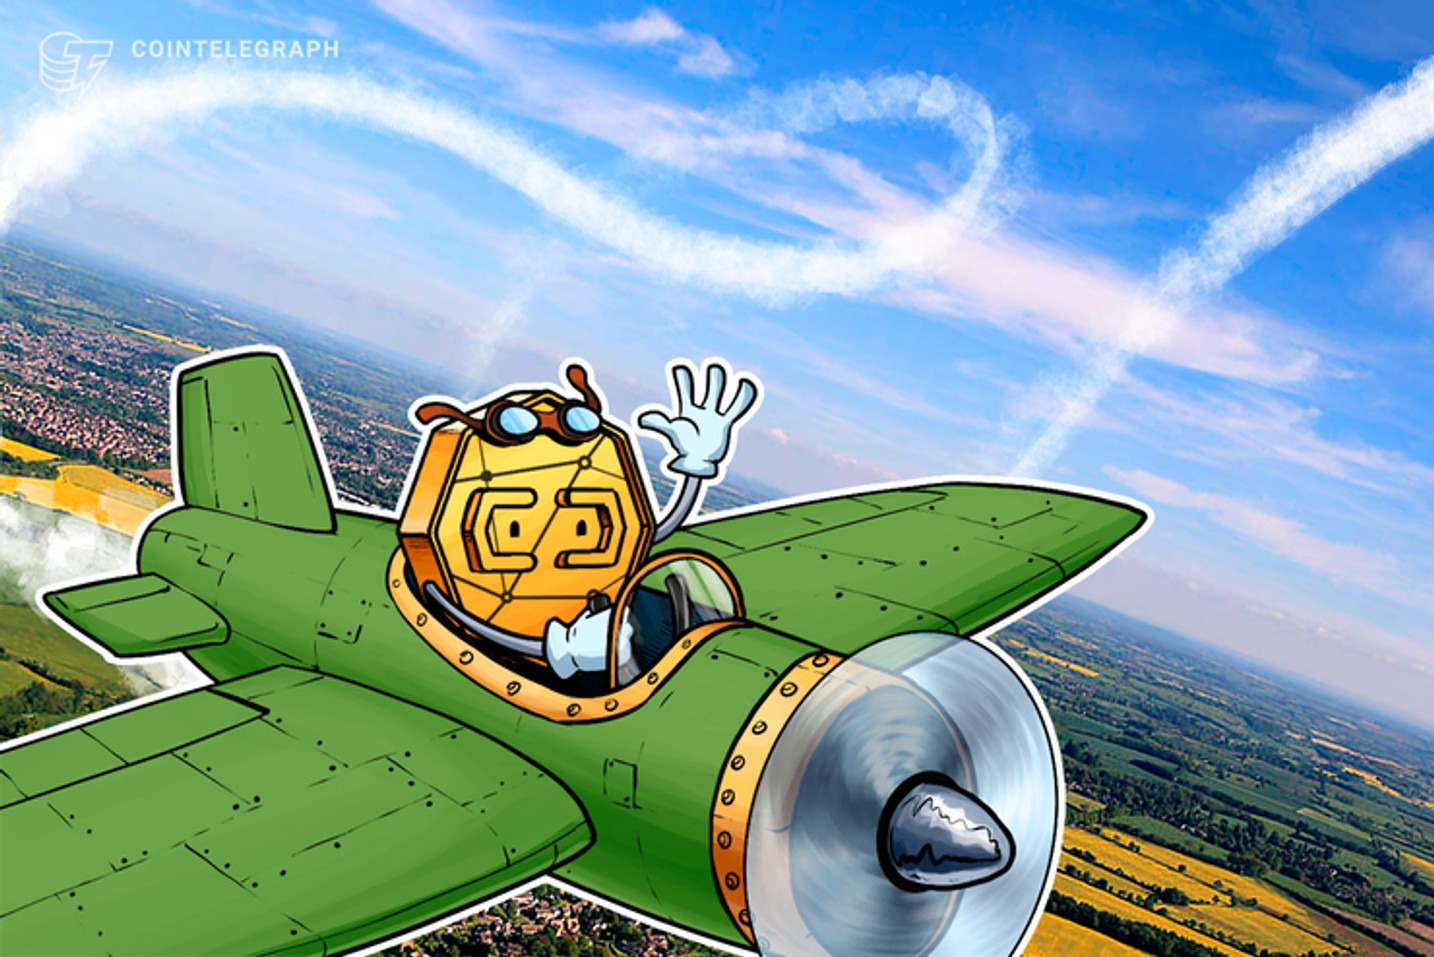 Trocando Bitcoin 'do Brasil' por dólar em Singapura: Funciona, mas não é simples como o dinheiro